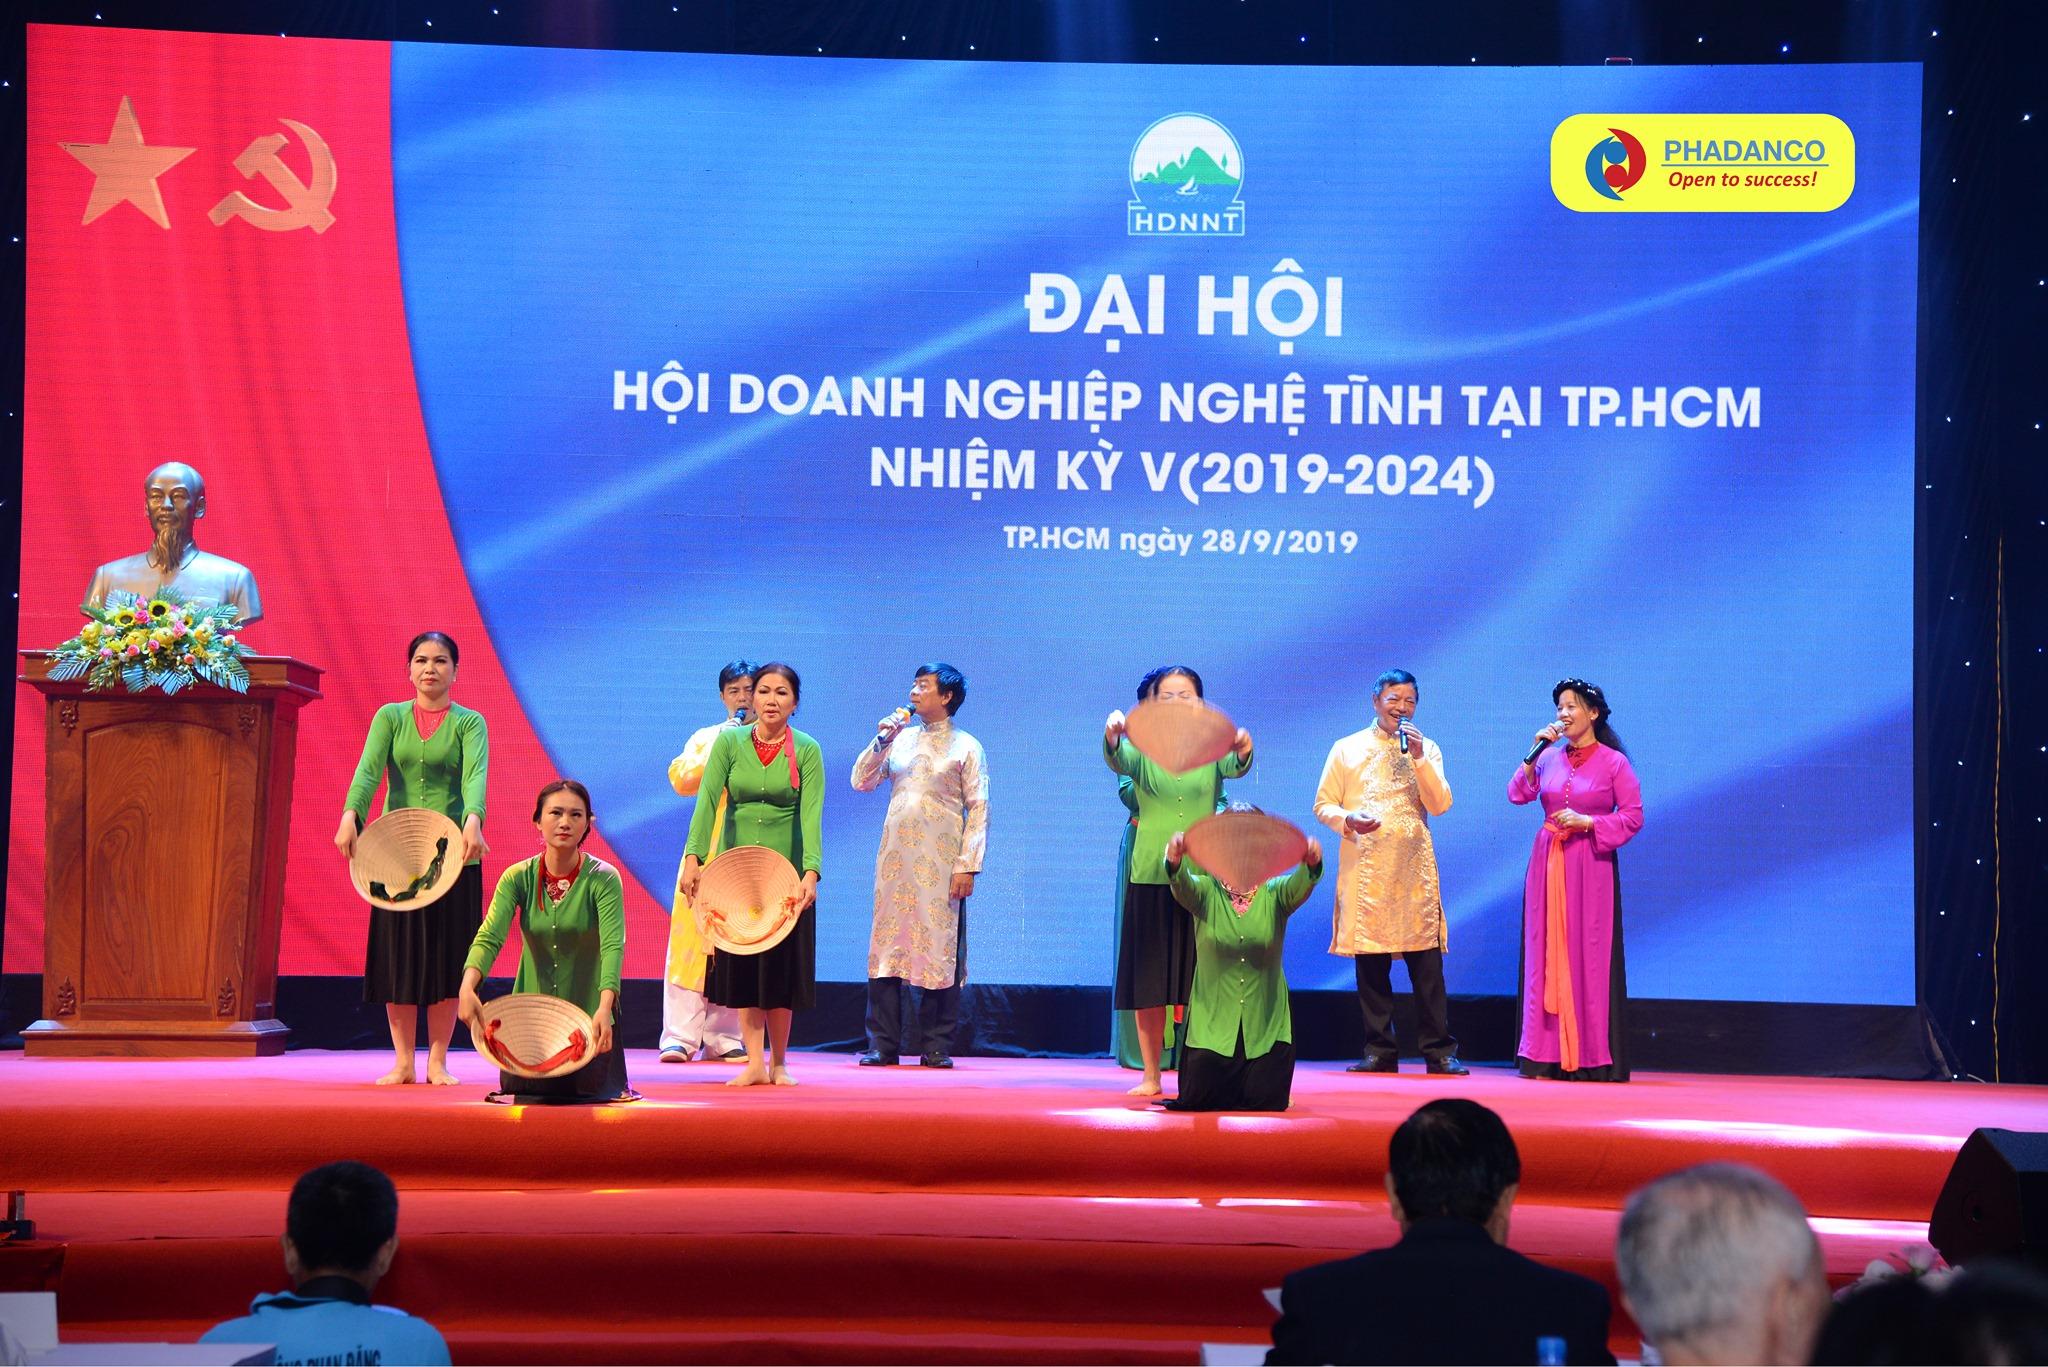 Truyền thông Phan Đăng tổ chức lễ kỷ niệm 15 năm thành cho hội doanh nghiệp Nghệ Tĩnh tại TP.HCM